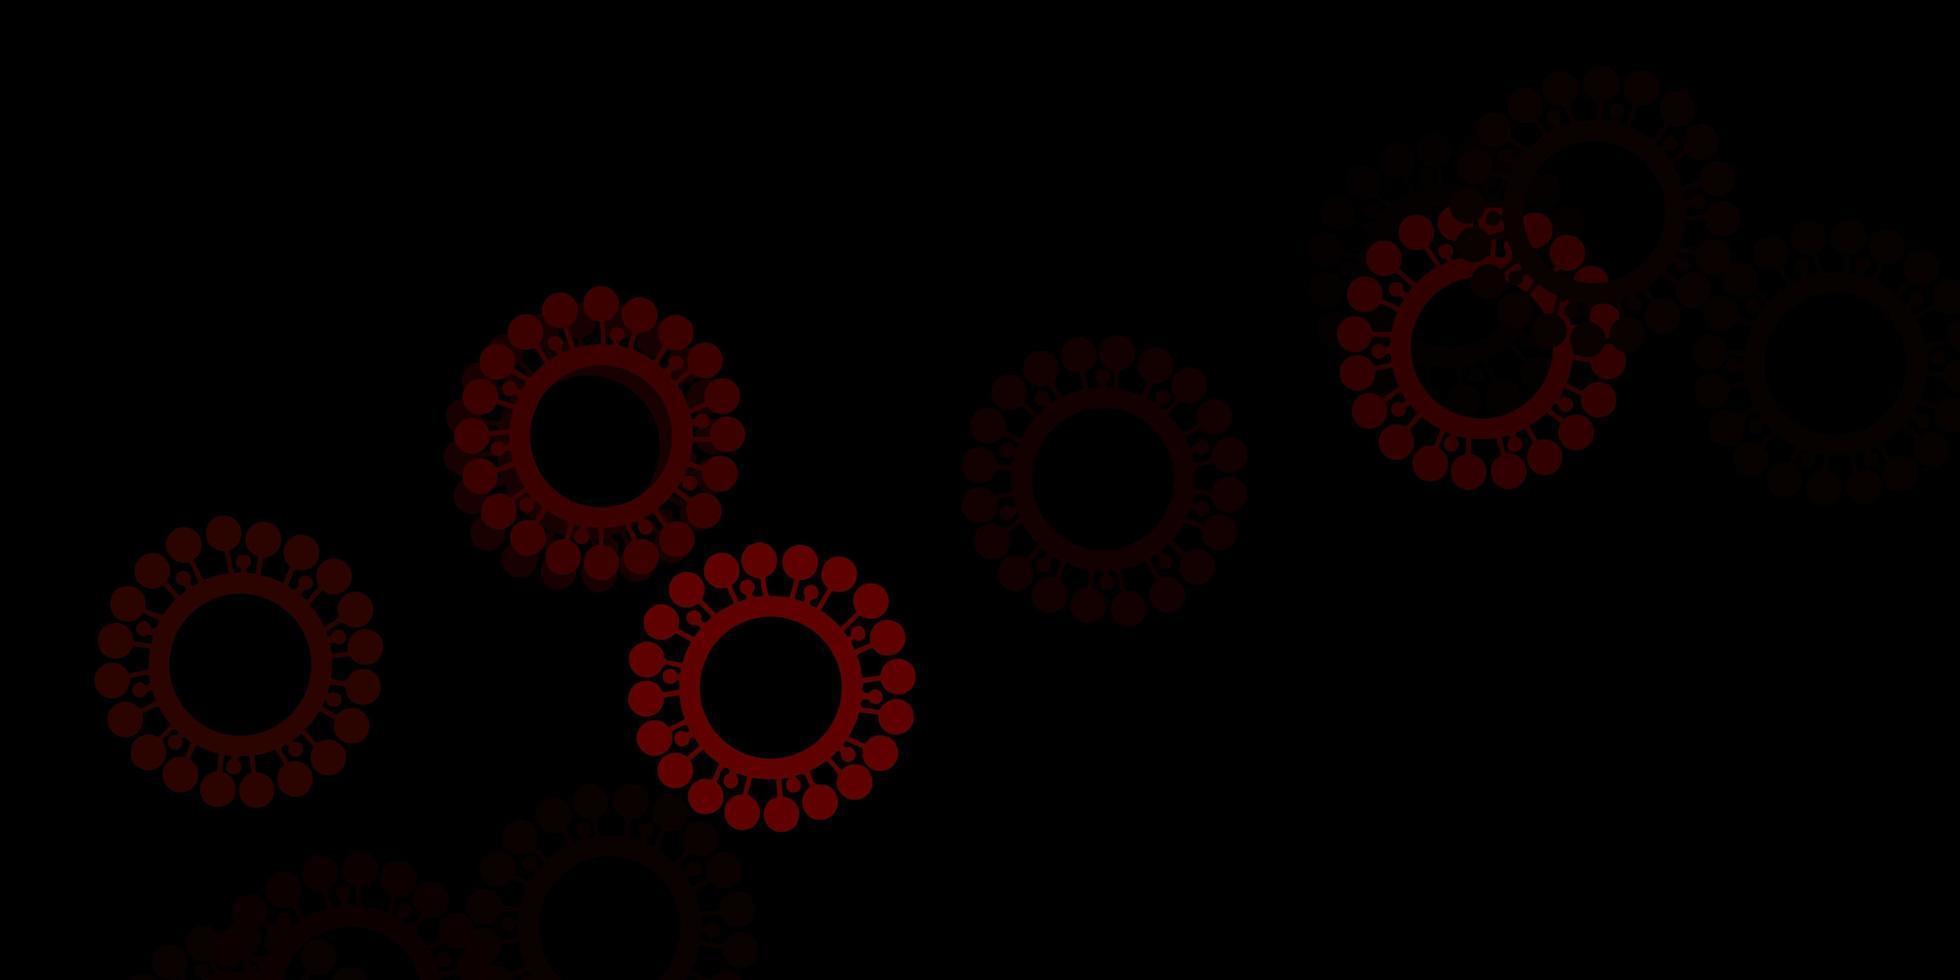 dunkelbrauner Vektorhintergrund mit covid-19 Symbolen vektor